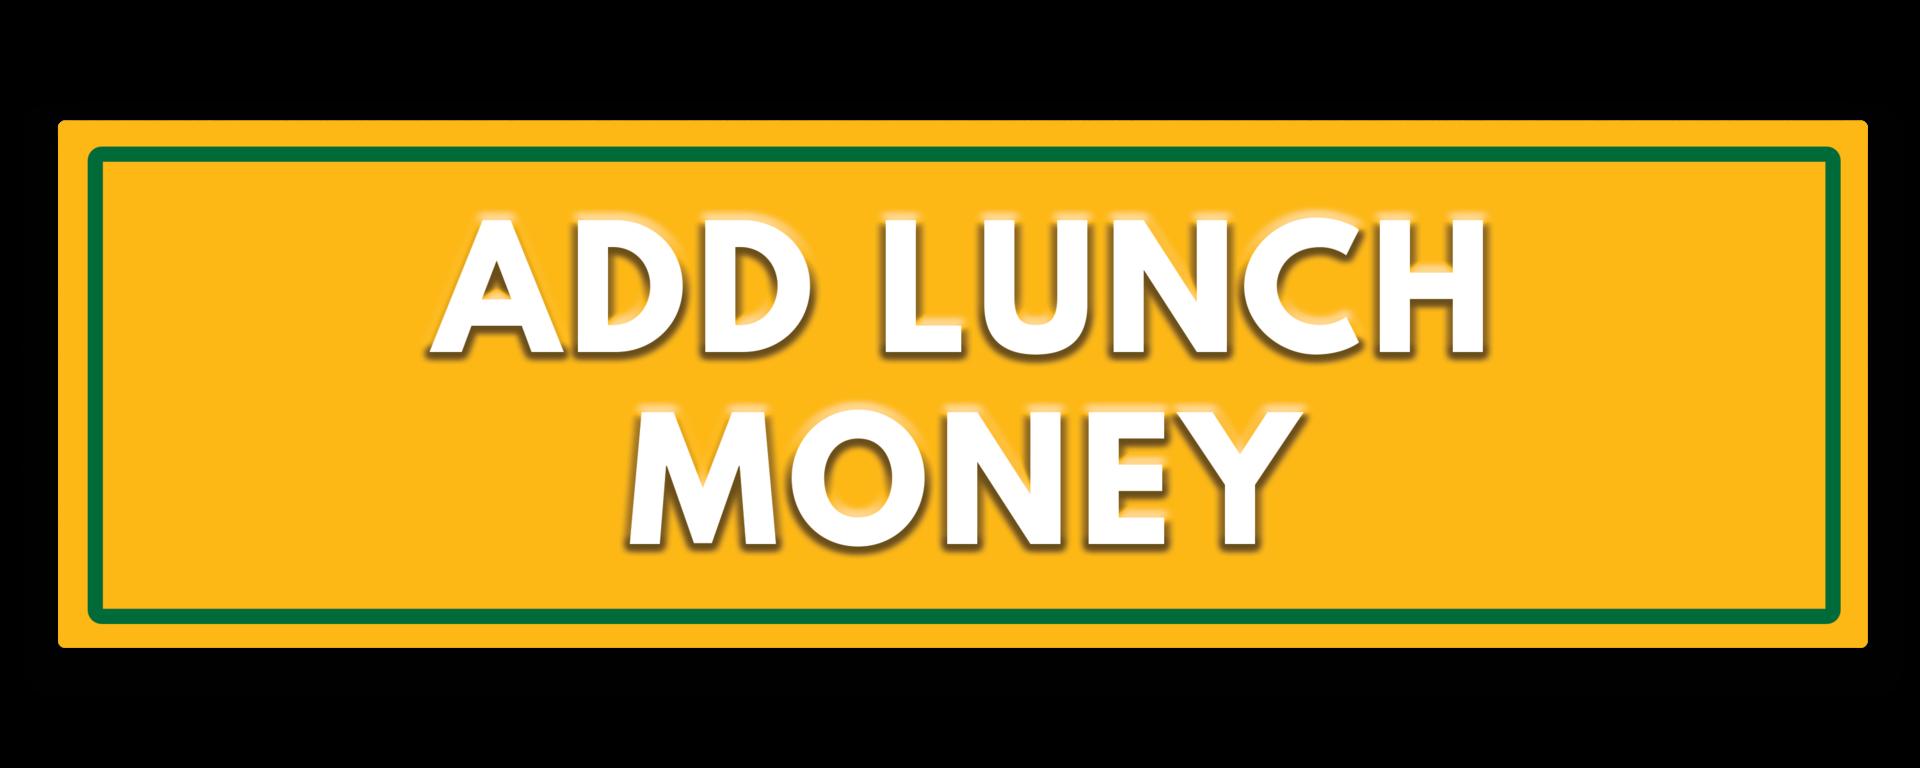 Add lunch money button